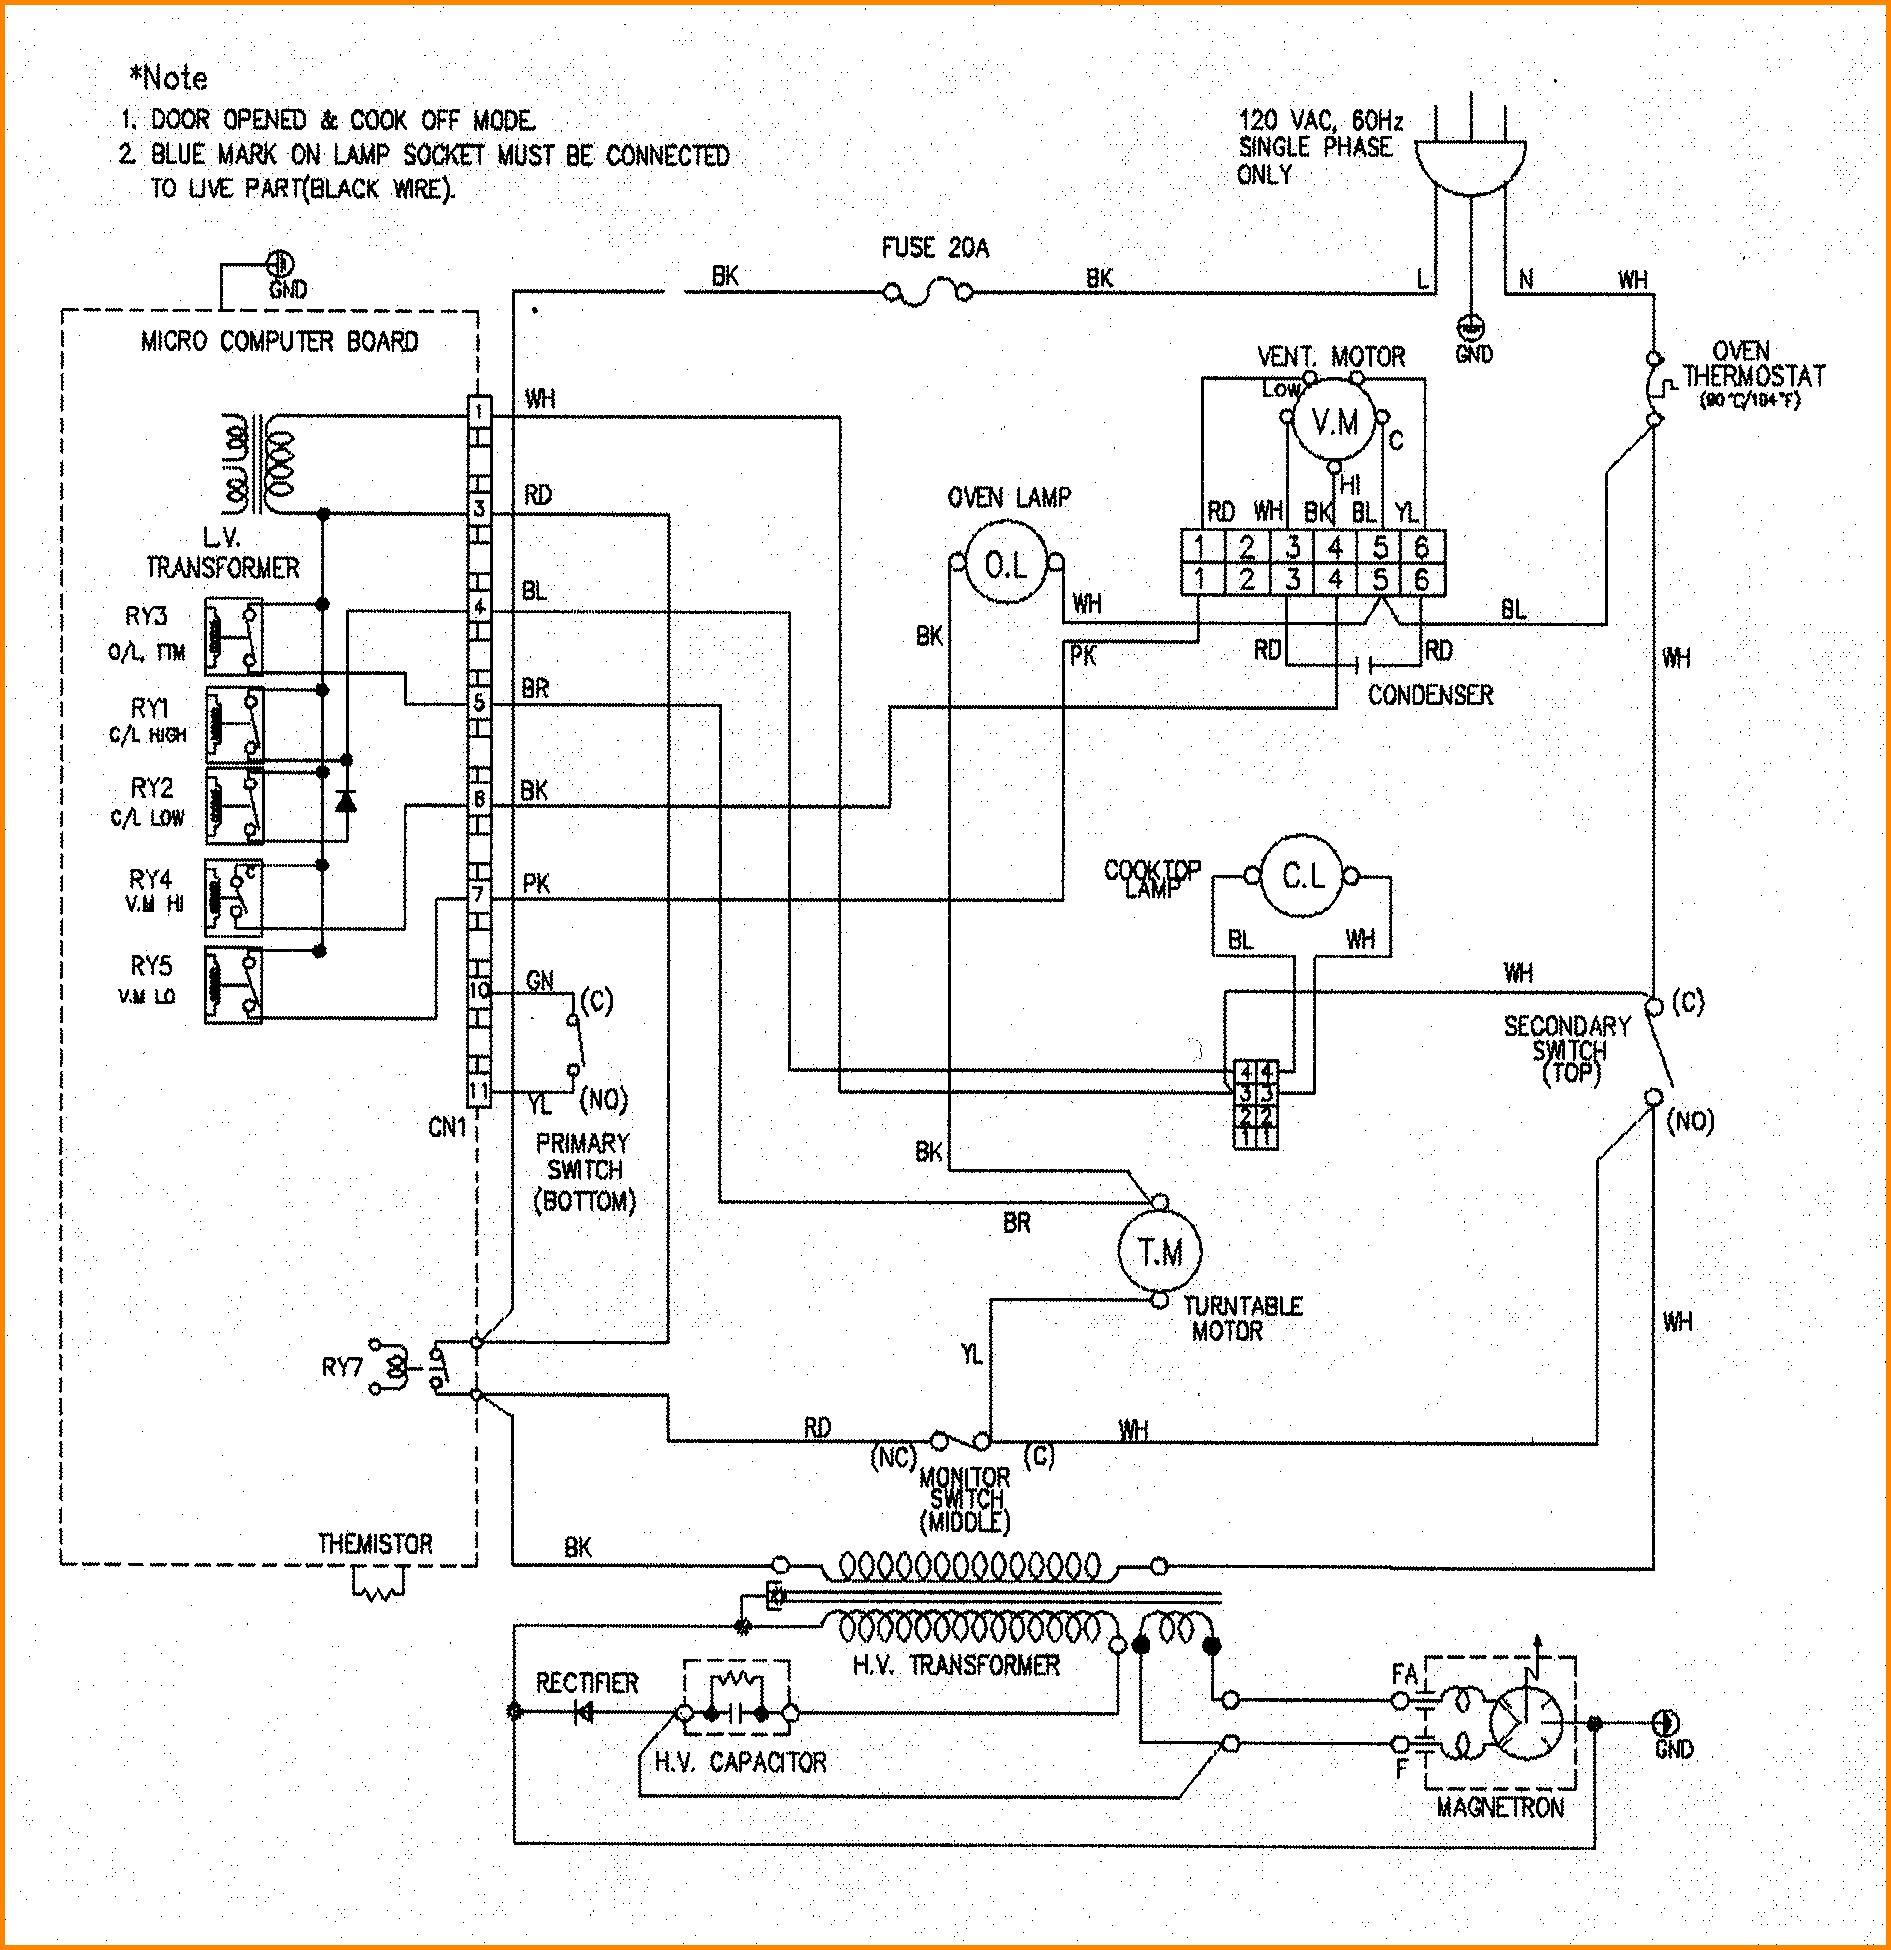 Ge Plug Wiring Diagram   Wiring Diagram Ge Furnace Thermostat Wiring Diagram on